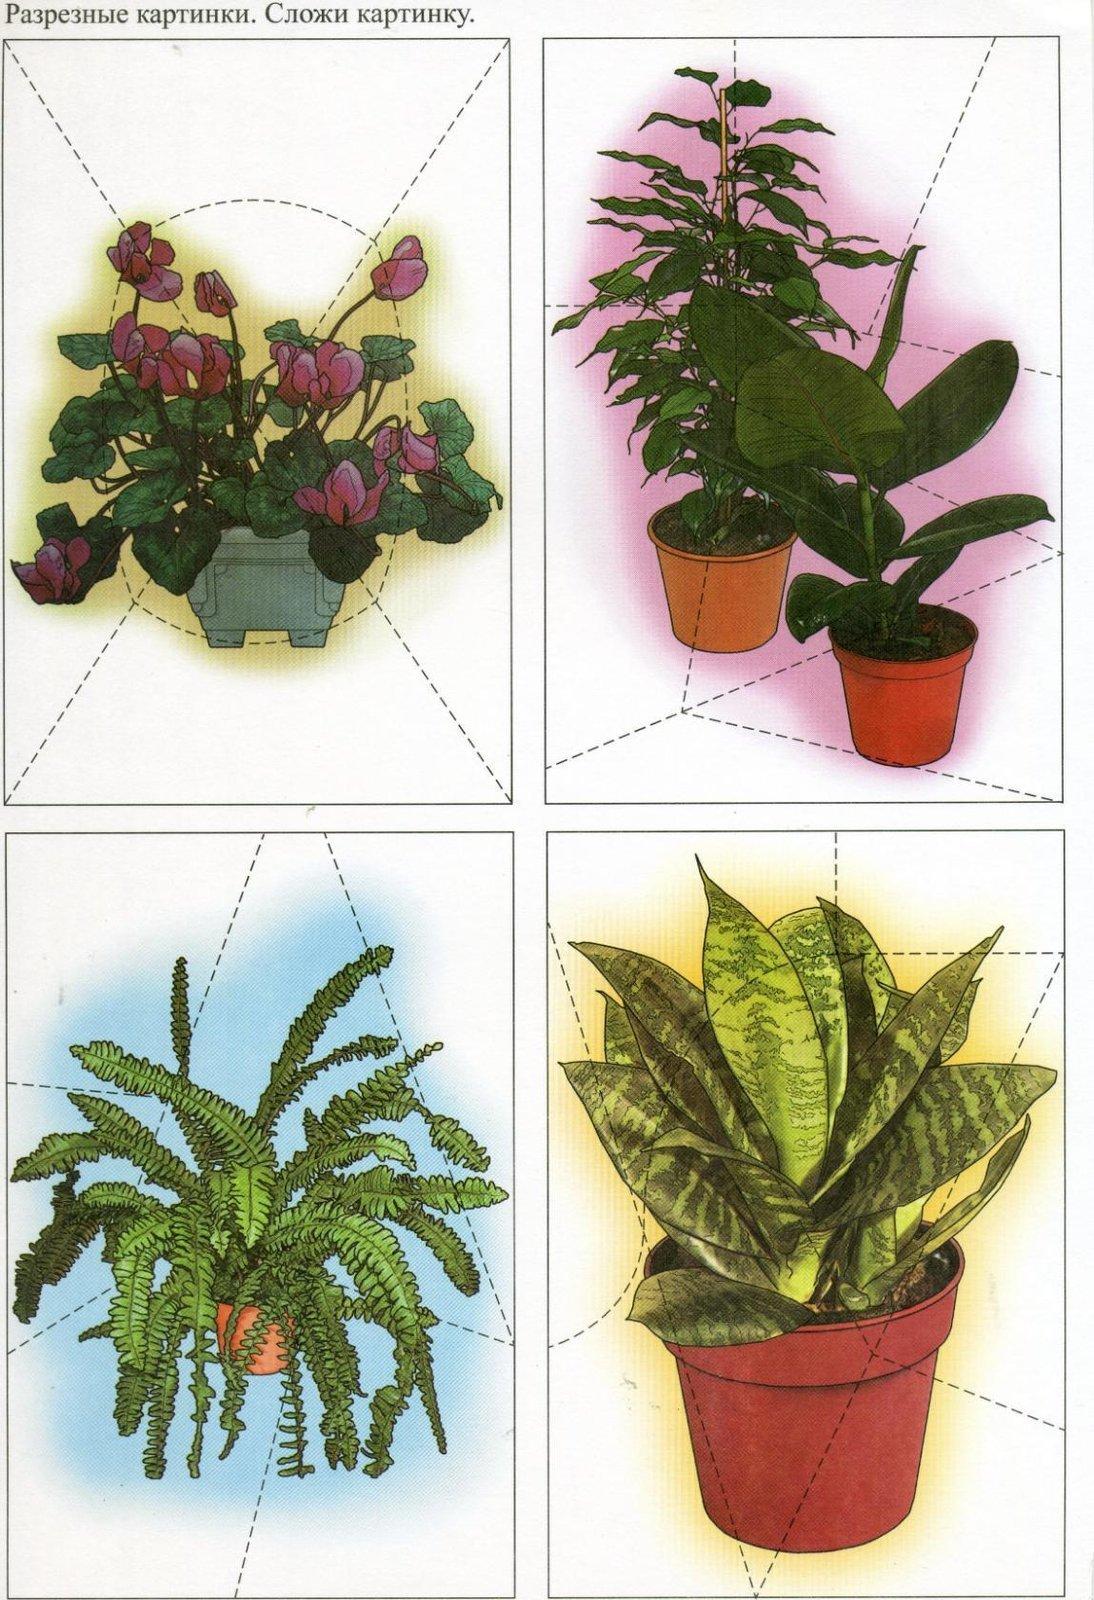 командное картинка и названия комнатных растений и цветов в интернет магазине произвольную